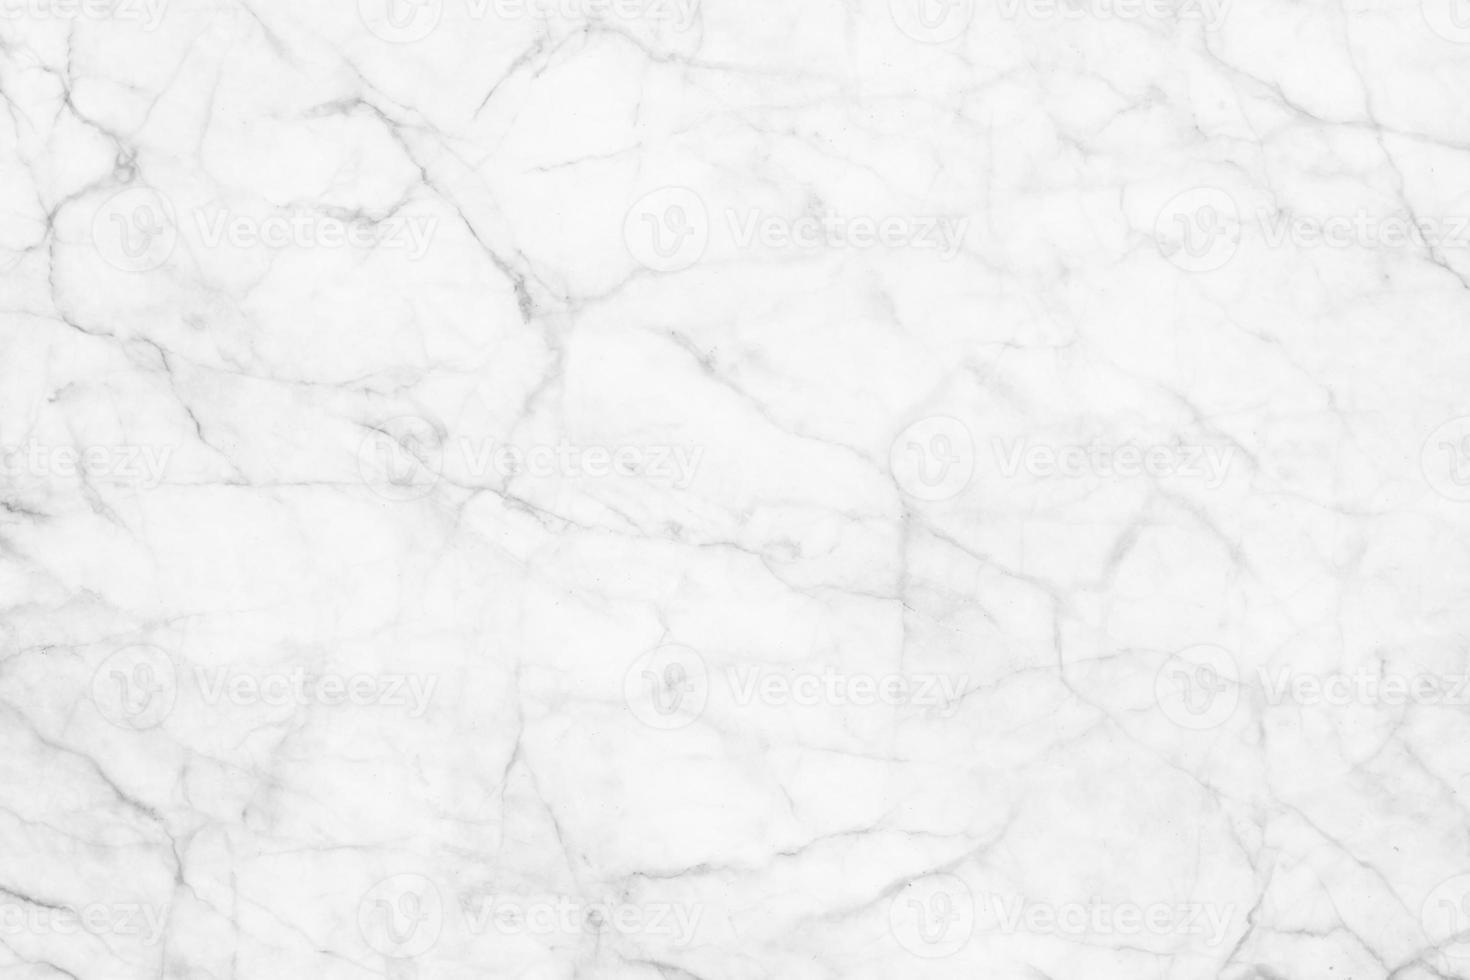 https fr vecteezy com photo 967189 fond de texture a motifs de marbre blanc pour la conception